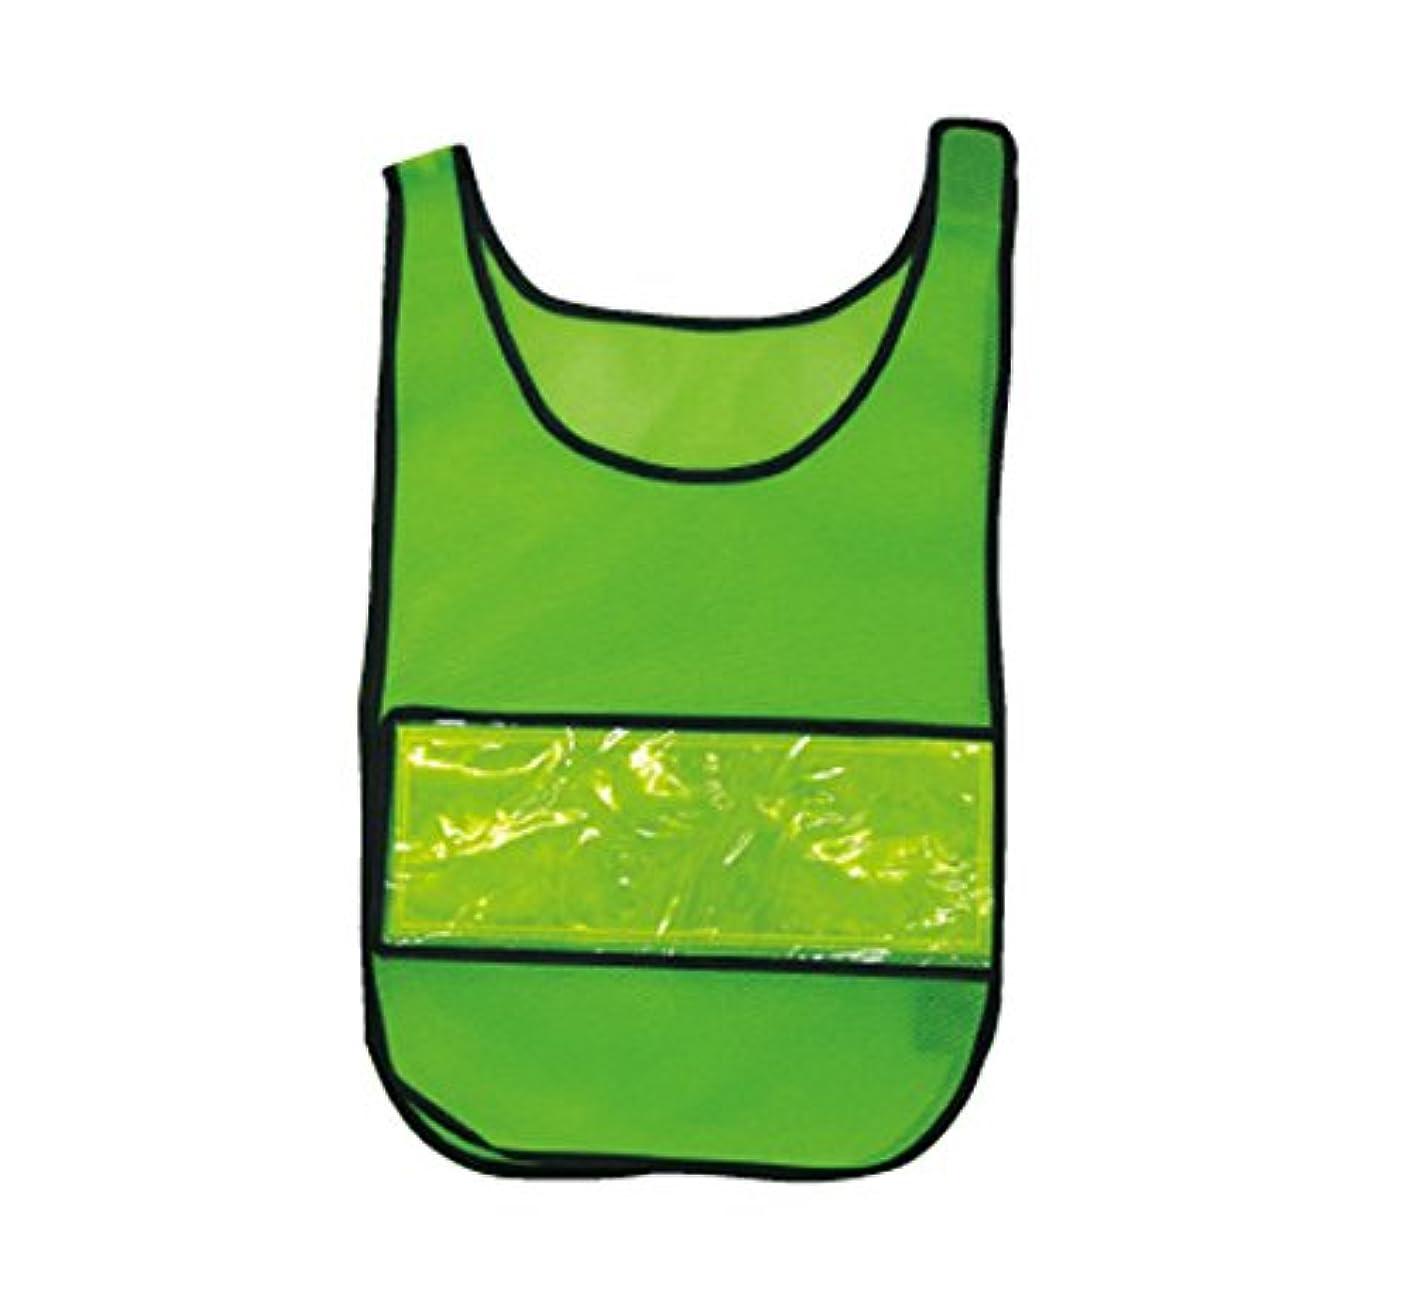 降ろす非公式手グリーンクロス メッシュチョッキ 差し込みポケットタイプ 蛍光グリーン